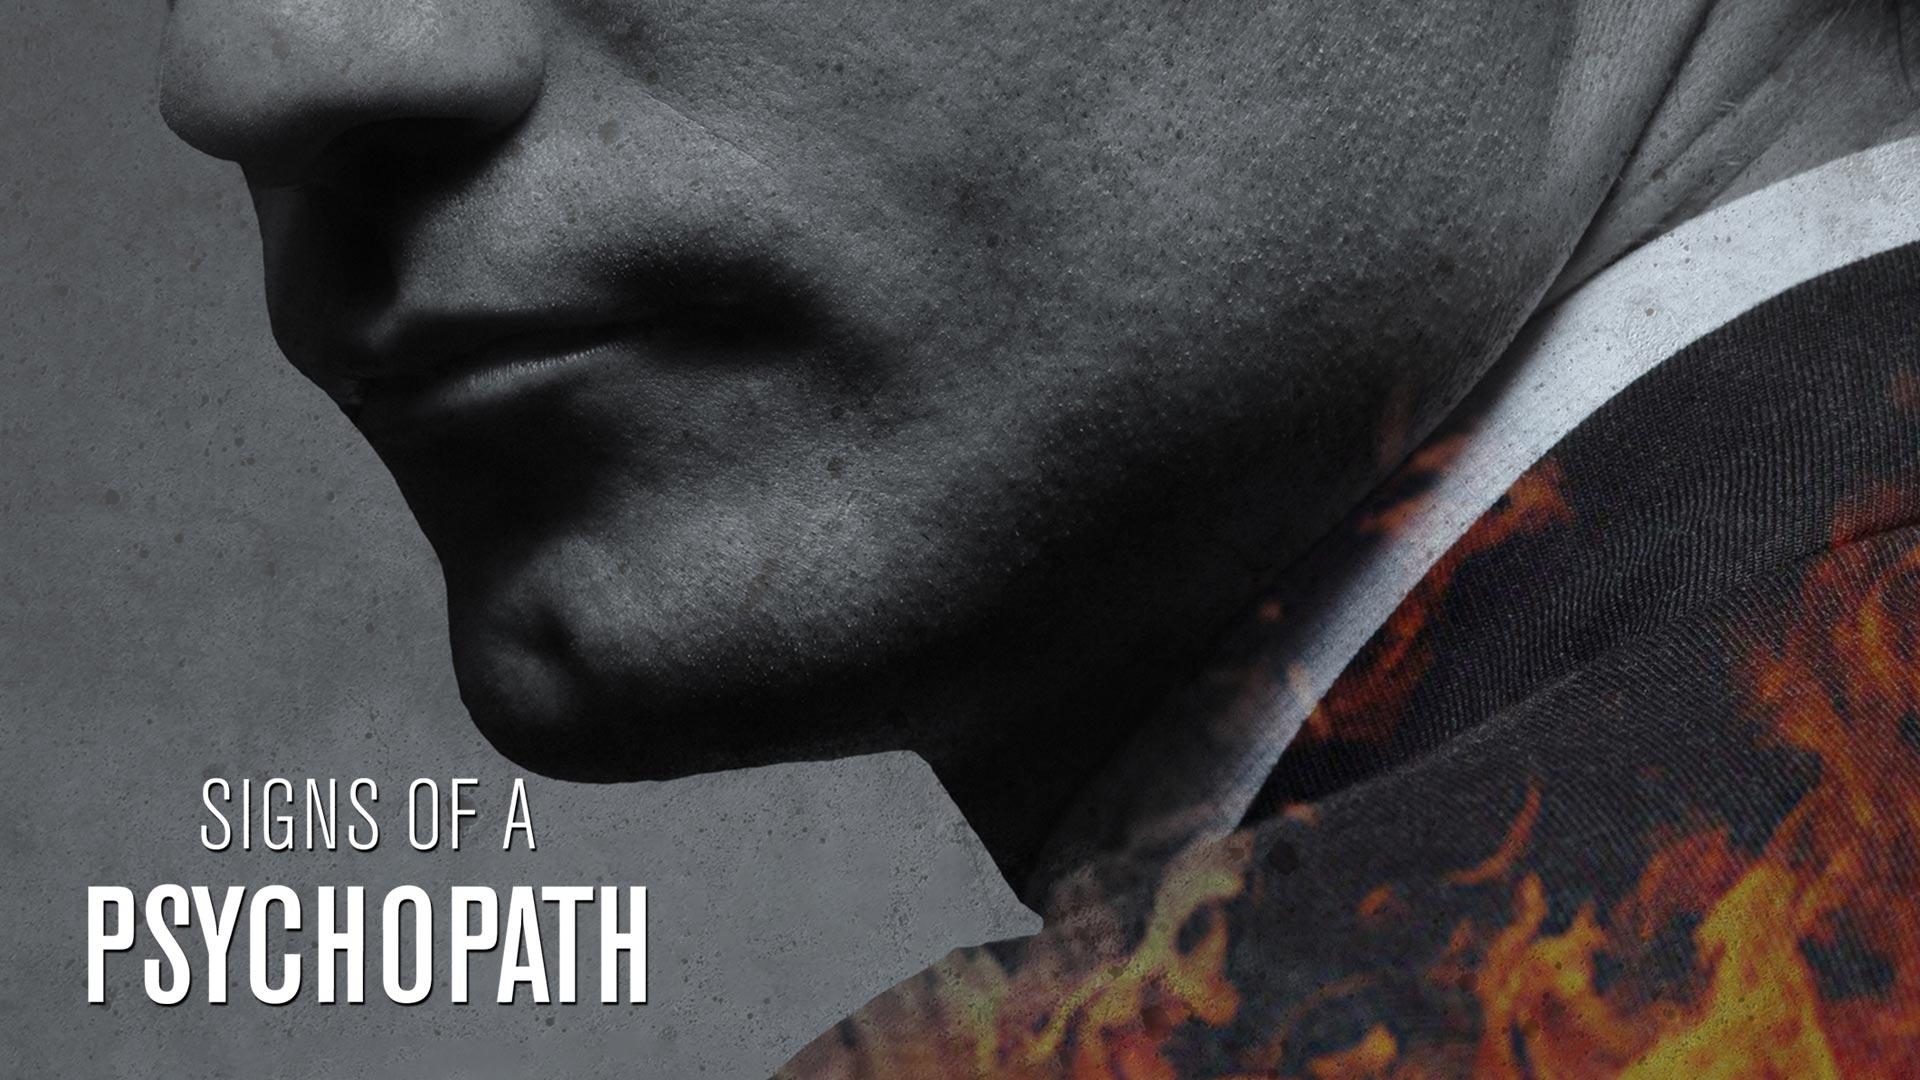 Signs Of A Psychopath - Season 1